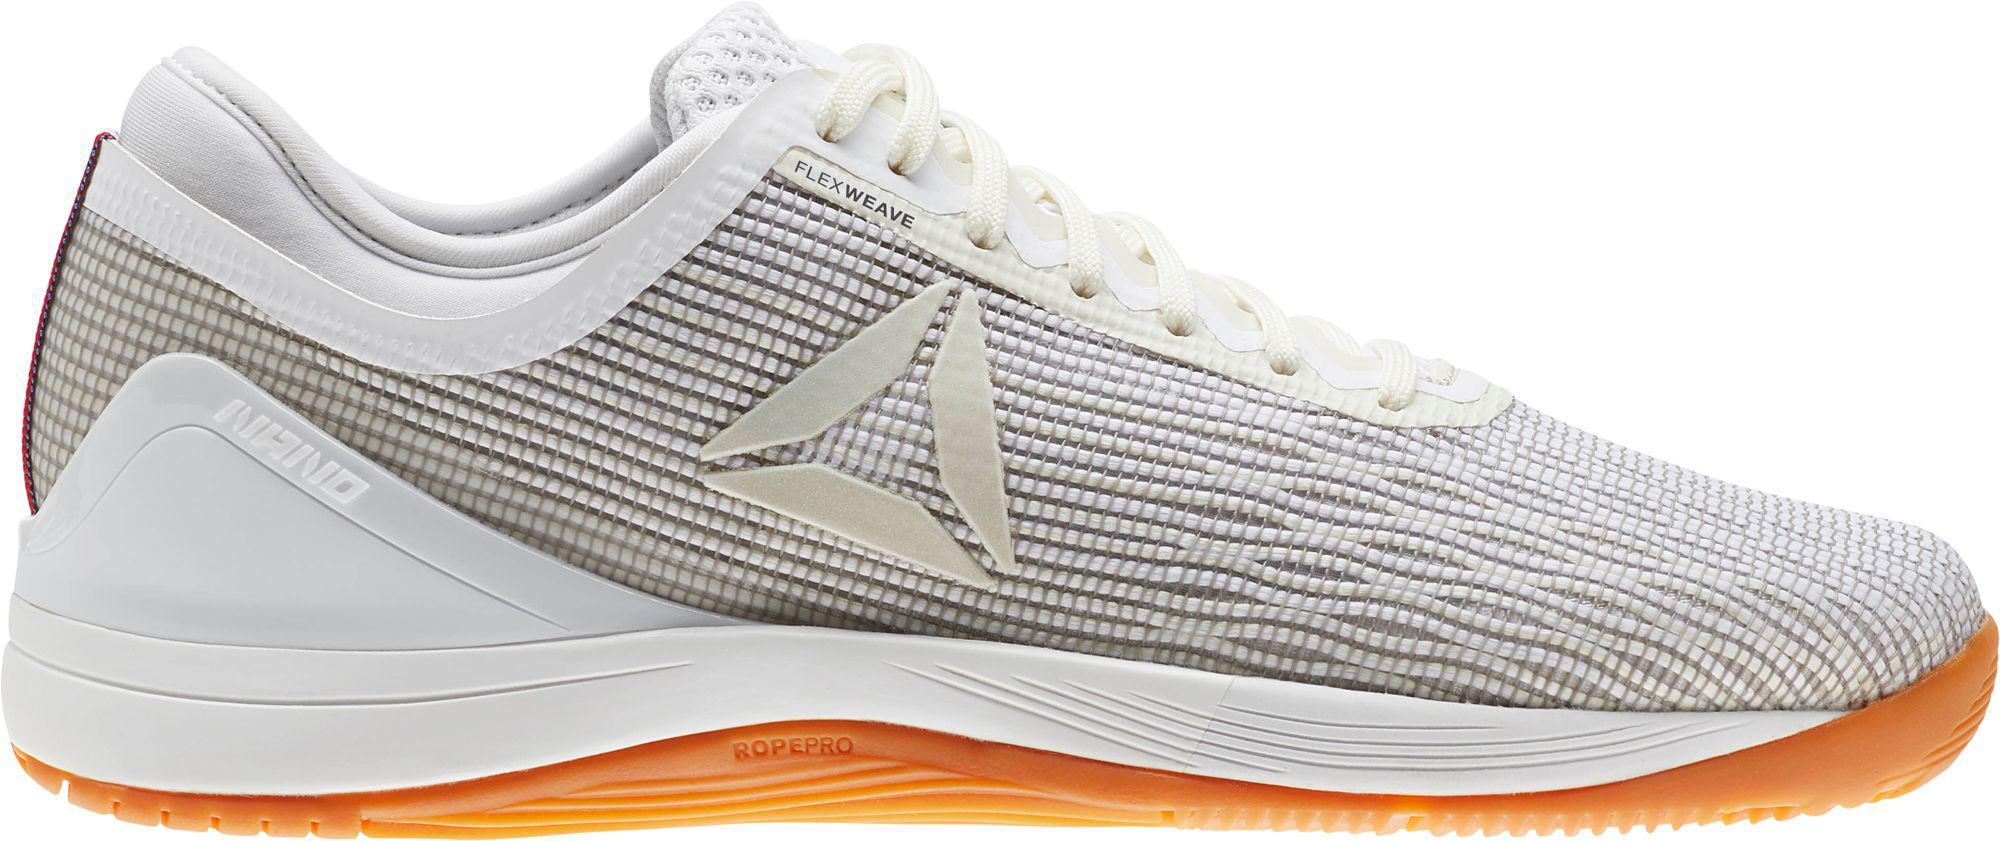 9aca0aa7958d87 Lyst - Reebok Crossfit Nano 8 Flexweave Shoes in White for Men